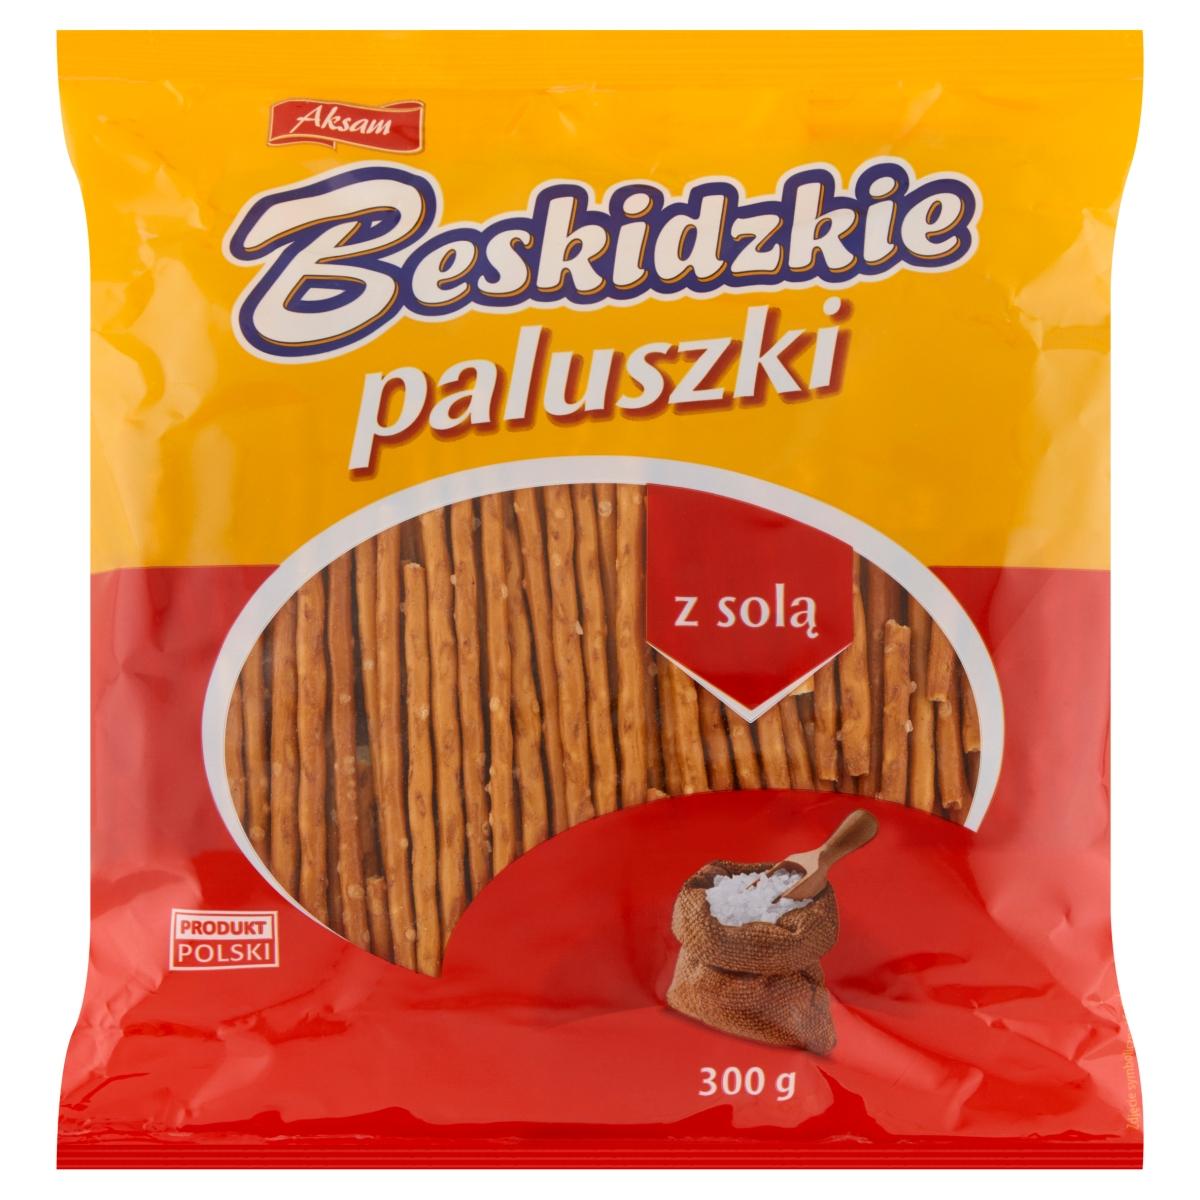 PALUSZKI BESKIDZKIE SOLONE - AKSAM 300 g